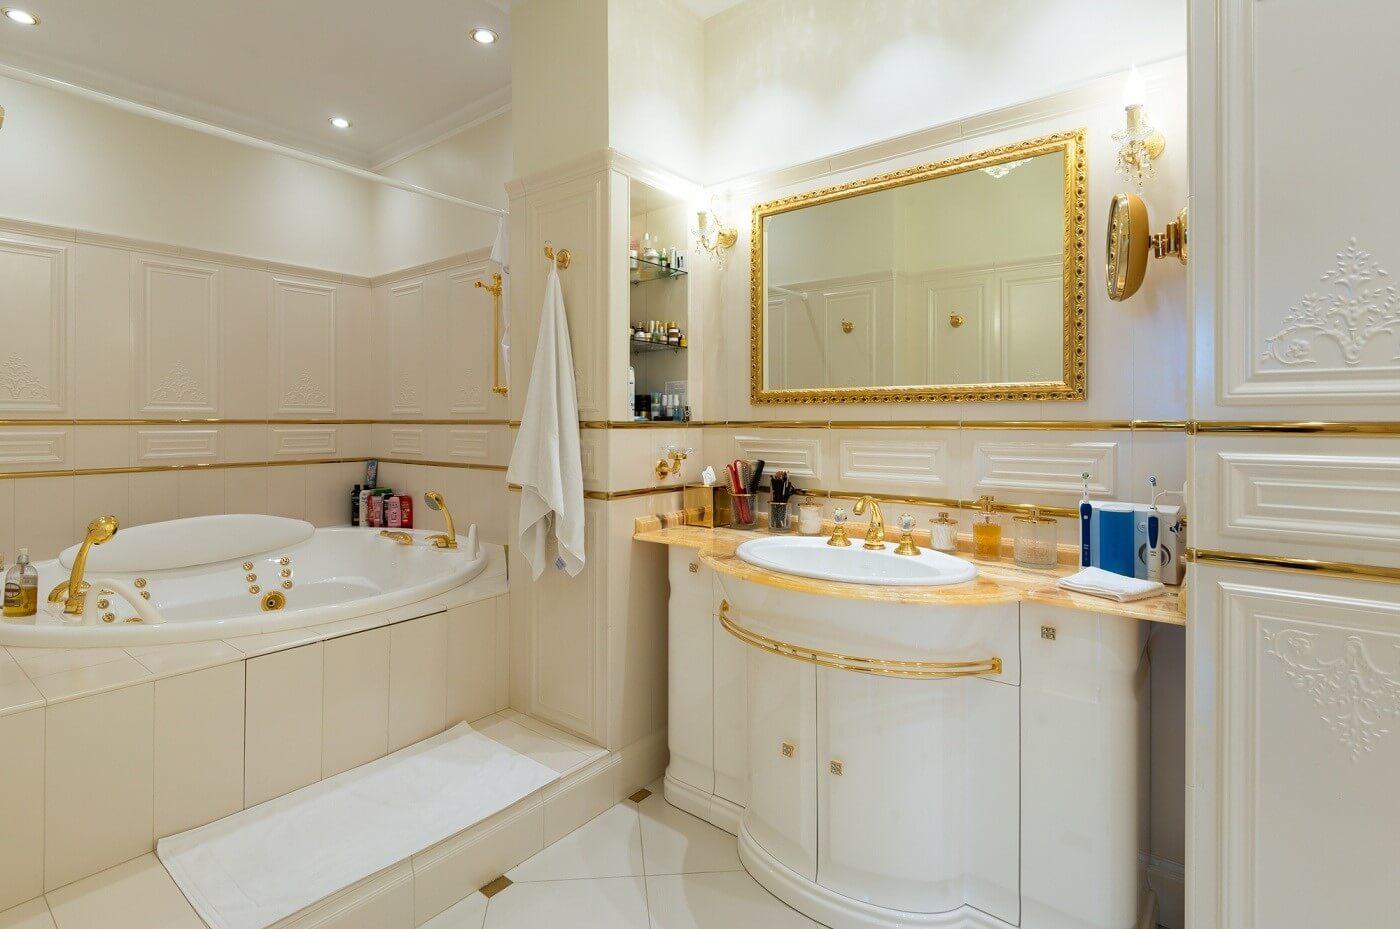 класичний стиль ванної кімнати